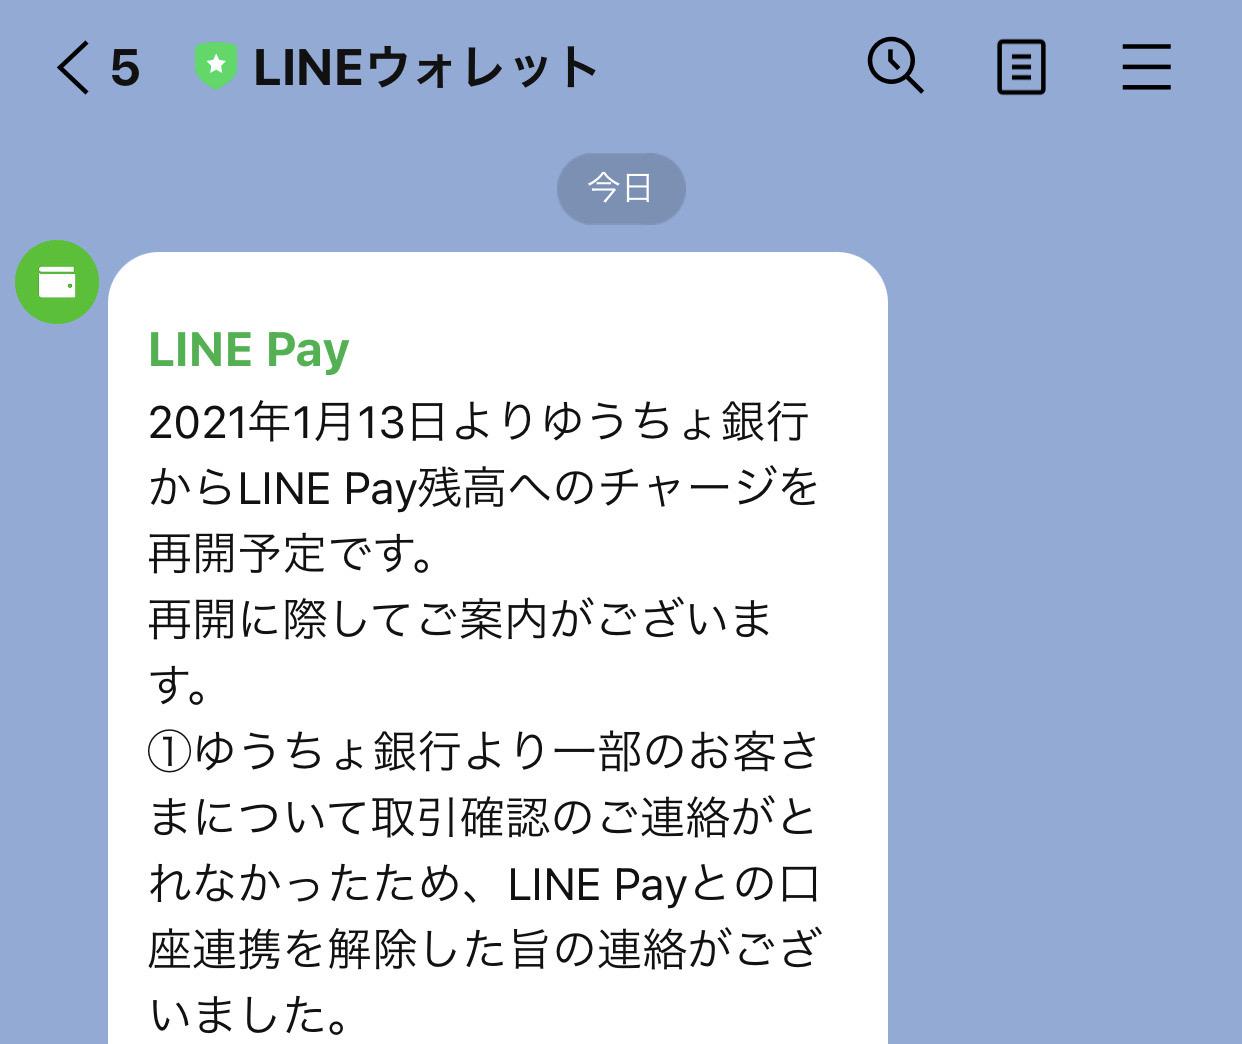 【LINE Pay】1月13日より「ゆうちょ銀行」からの残高チャージが再開